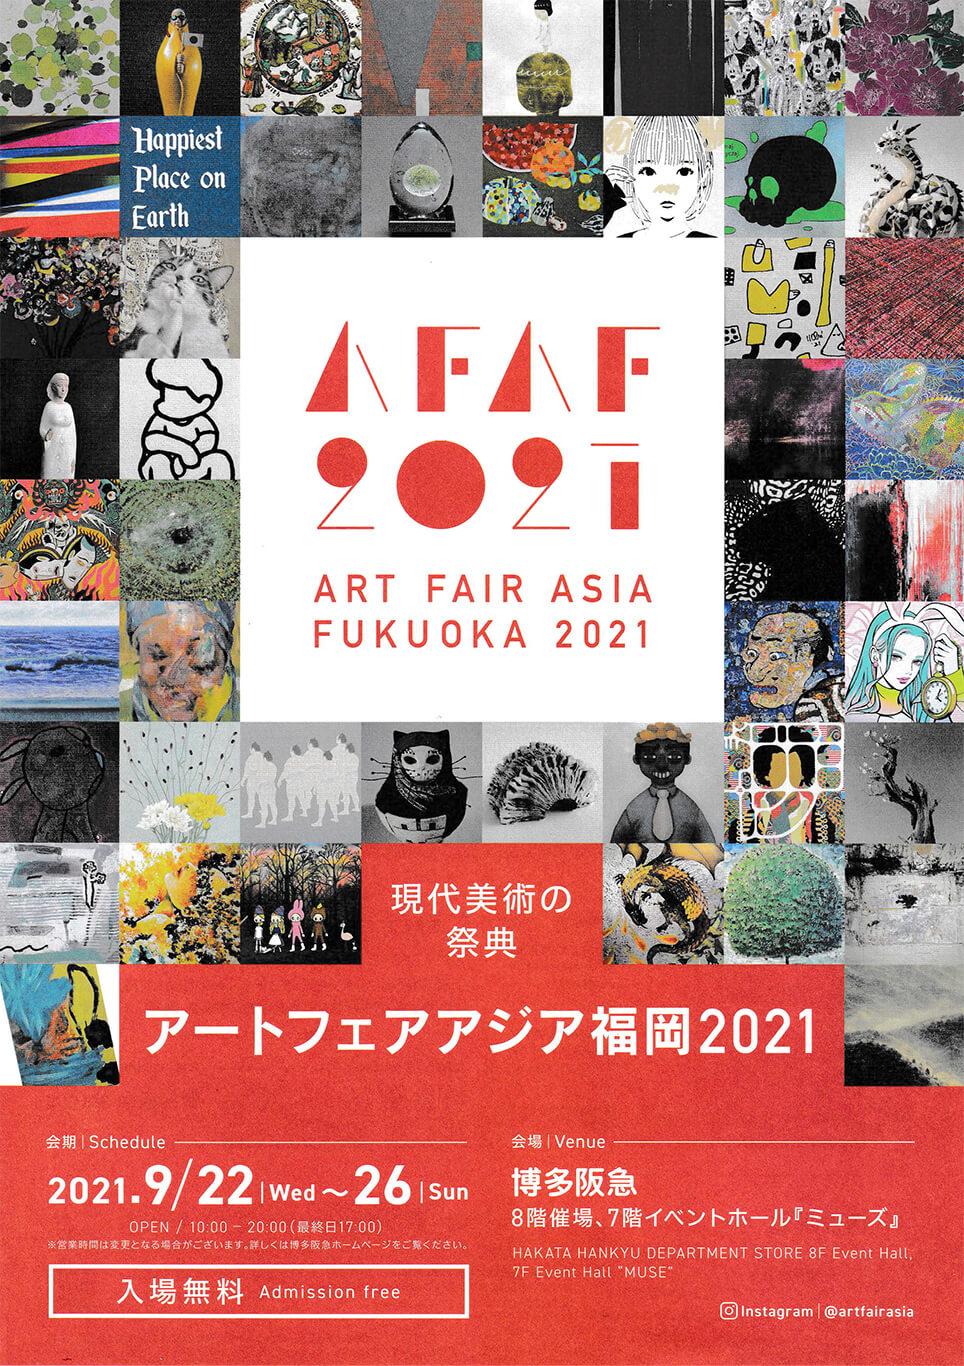 afaf-202109-アートフェアアジア福岡2021